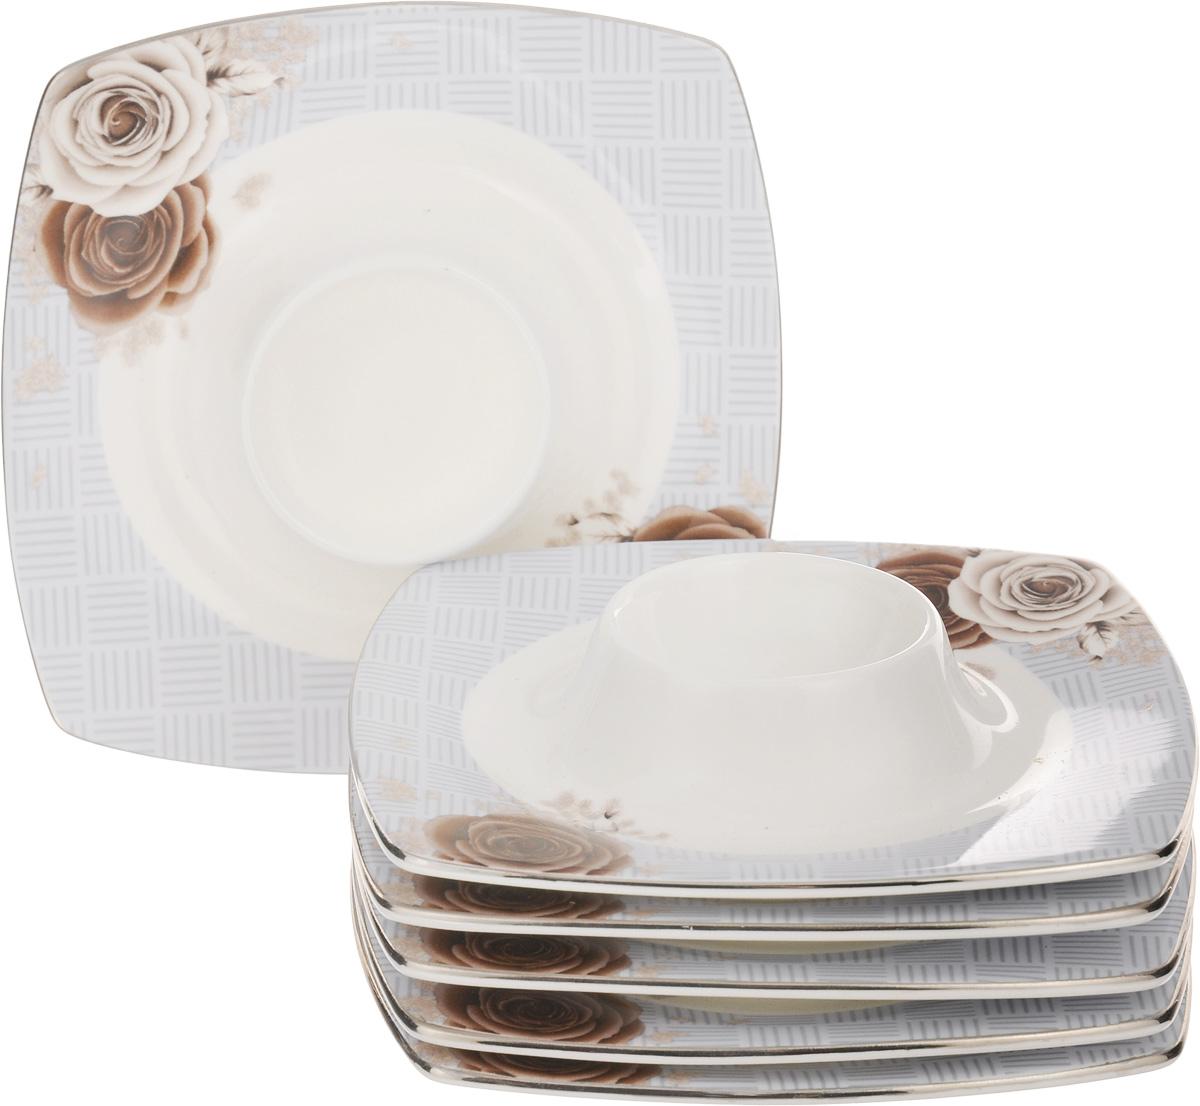 Набор подставок под яйцо Family & Friends Дэниш, 12 х 12 см, 6 штPR8003нНабор Family & Friends Дэниш, выполненный из фарфора, состоит из 6 квадратных подставок, предназначенных для красивой подачи яиц. Изделия украшены цветочным рисунком. Набор сочетает в себе стильный дизайн с максимальнойфункциональностью. Оригинальность оформления придется по вкусу и ценителям классики, и тем, кто предпочитаетутонченность и изящность.Диаметр отверстия для яйца: 4,5 см. Размер подставки: 12 х 12 х 1,5 см.